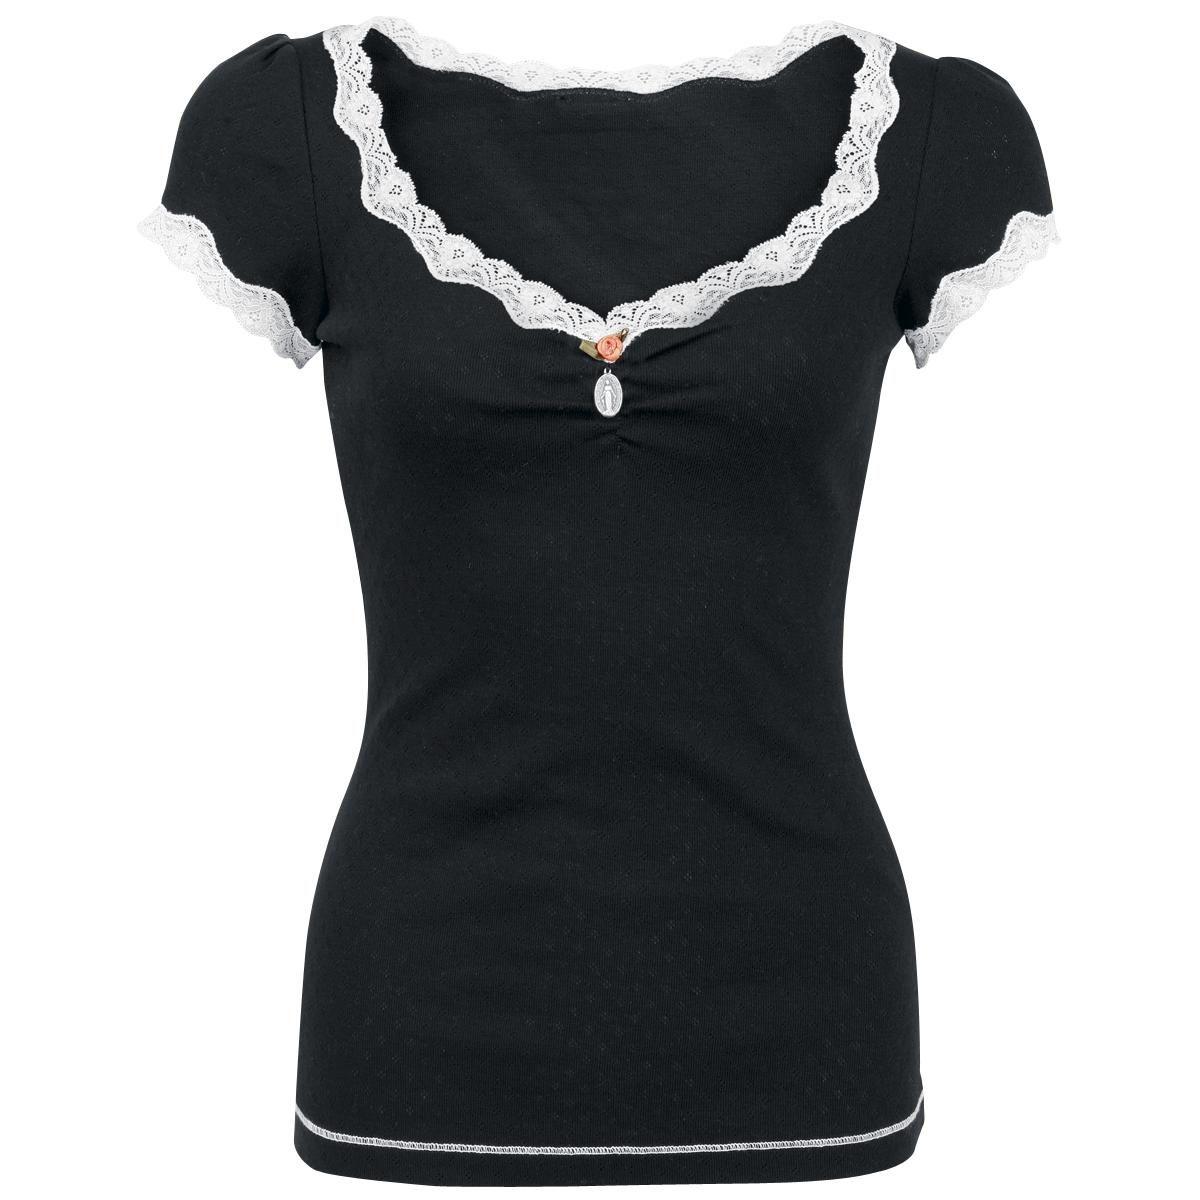 My Soft Basic Shirt - Girlie trøje af Vive Maria - Artikelnr.: 225107 - fra 299,95 kr - EMP Danmark ::: Merchandise ::: Streetwear ::: Modetøj